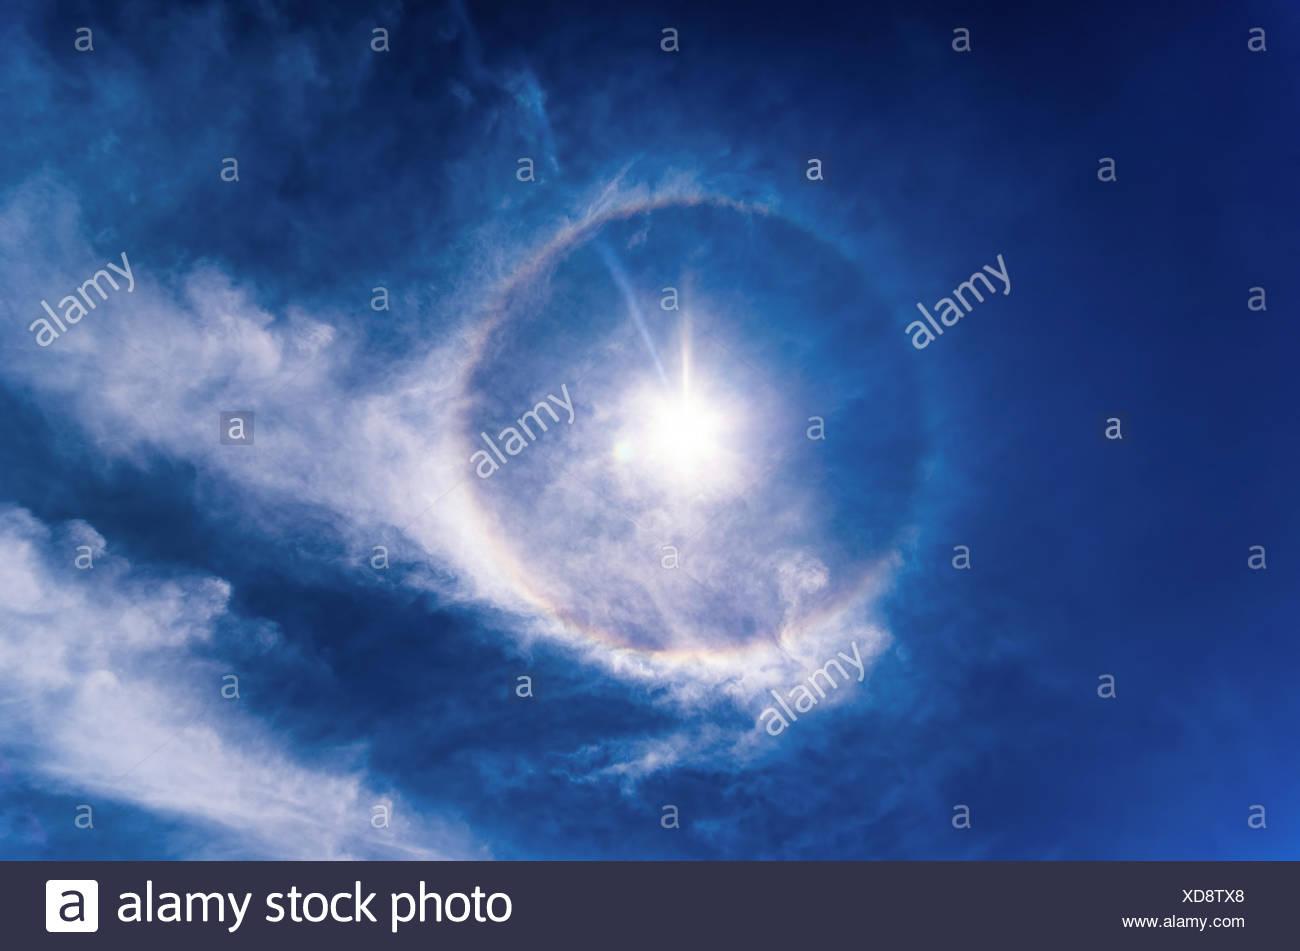 22 Degree Halo, Optical Phenomenon - Stock Image